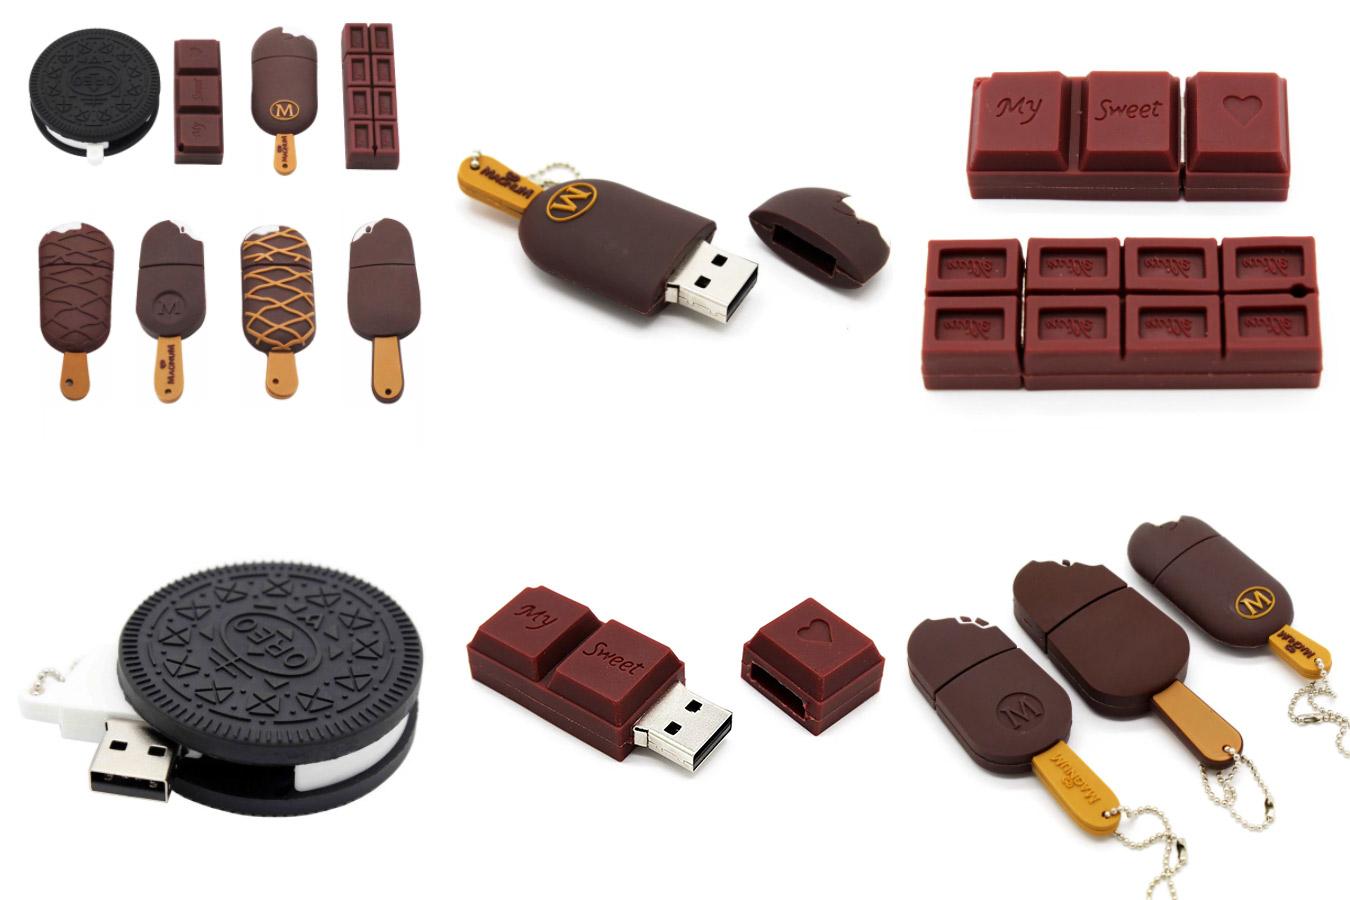 Флеш-накопитель в виде шоколадного печенья Орео и мороженого